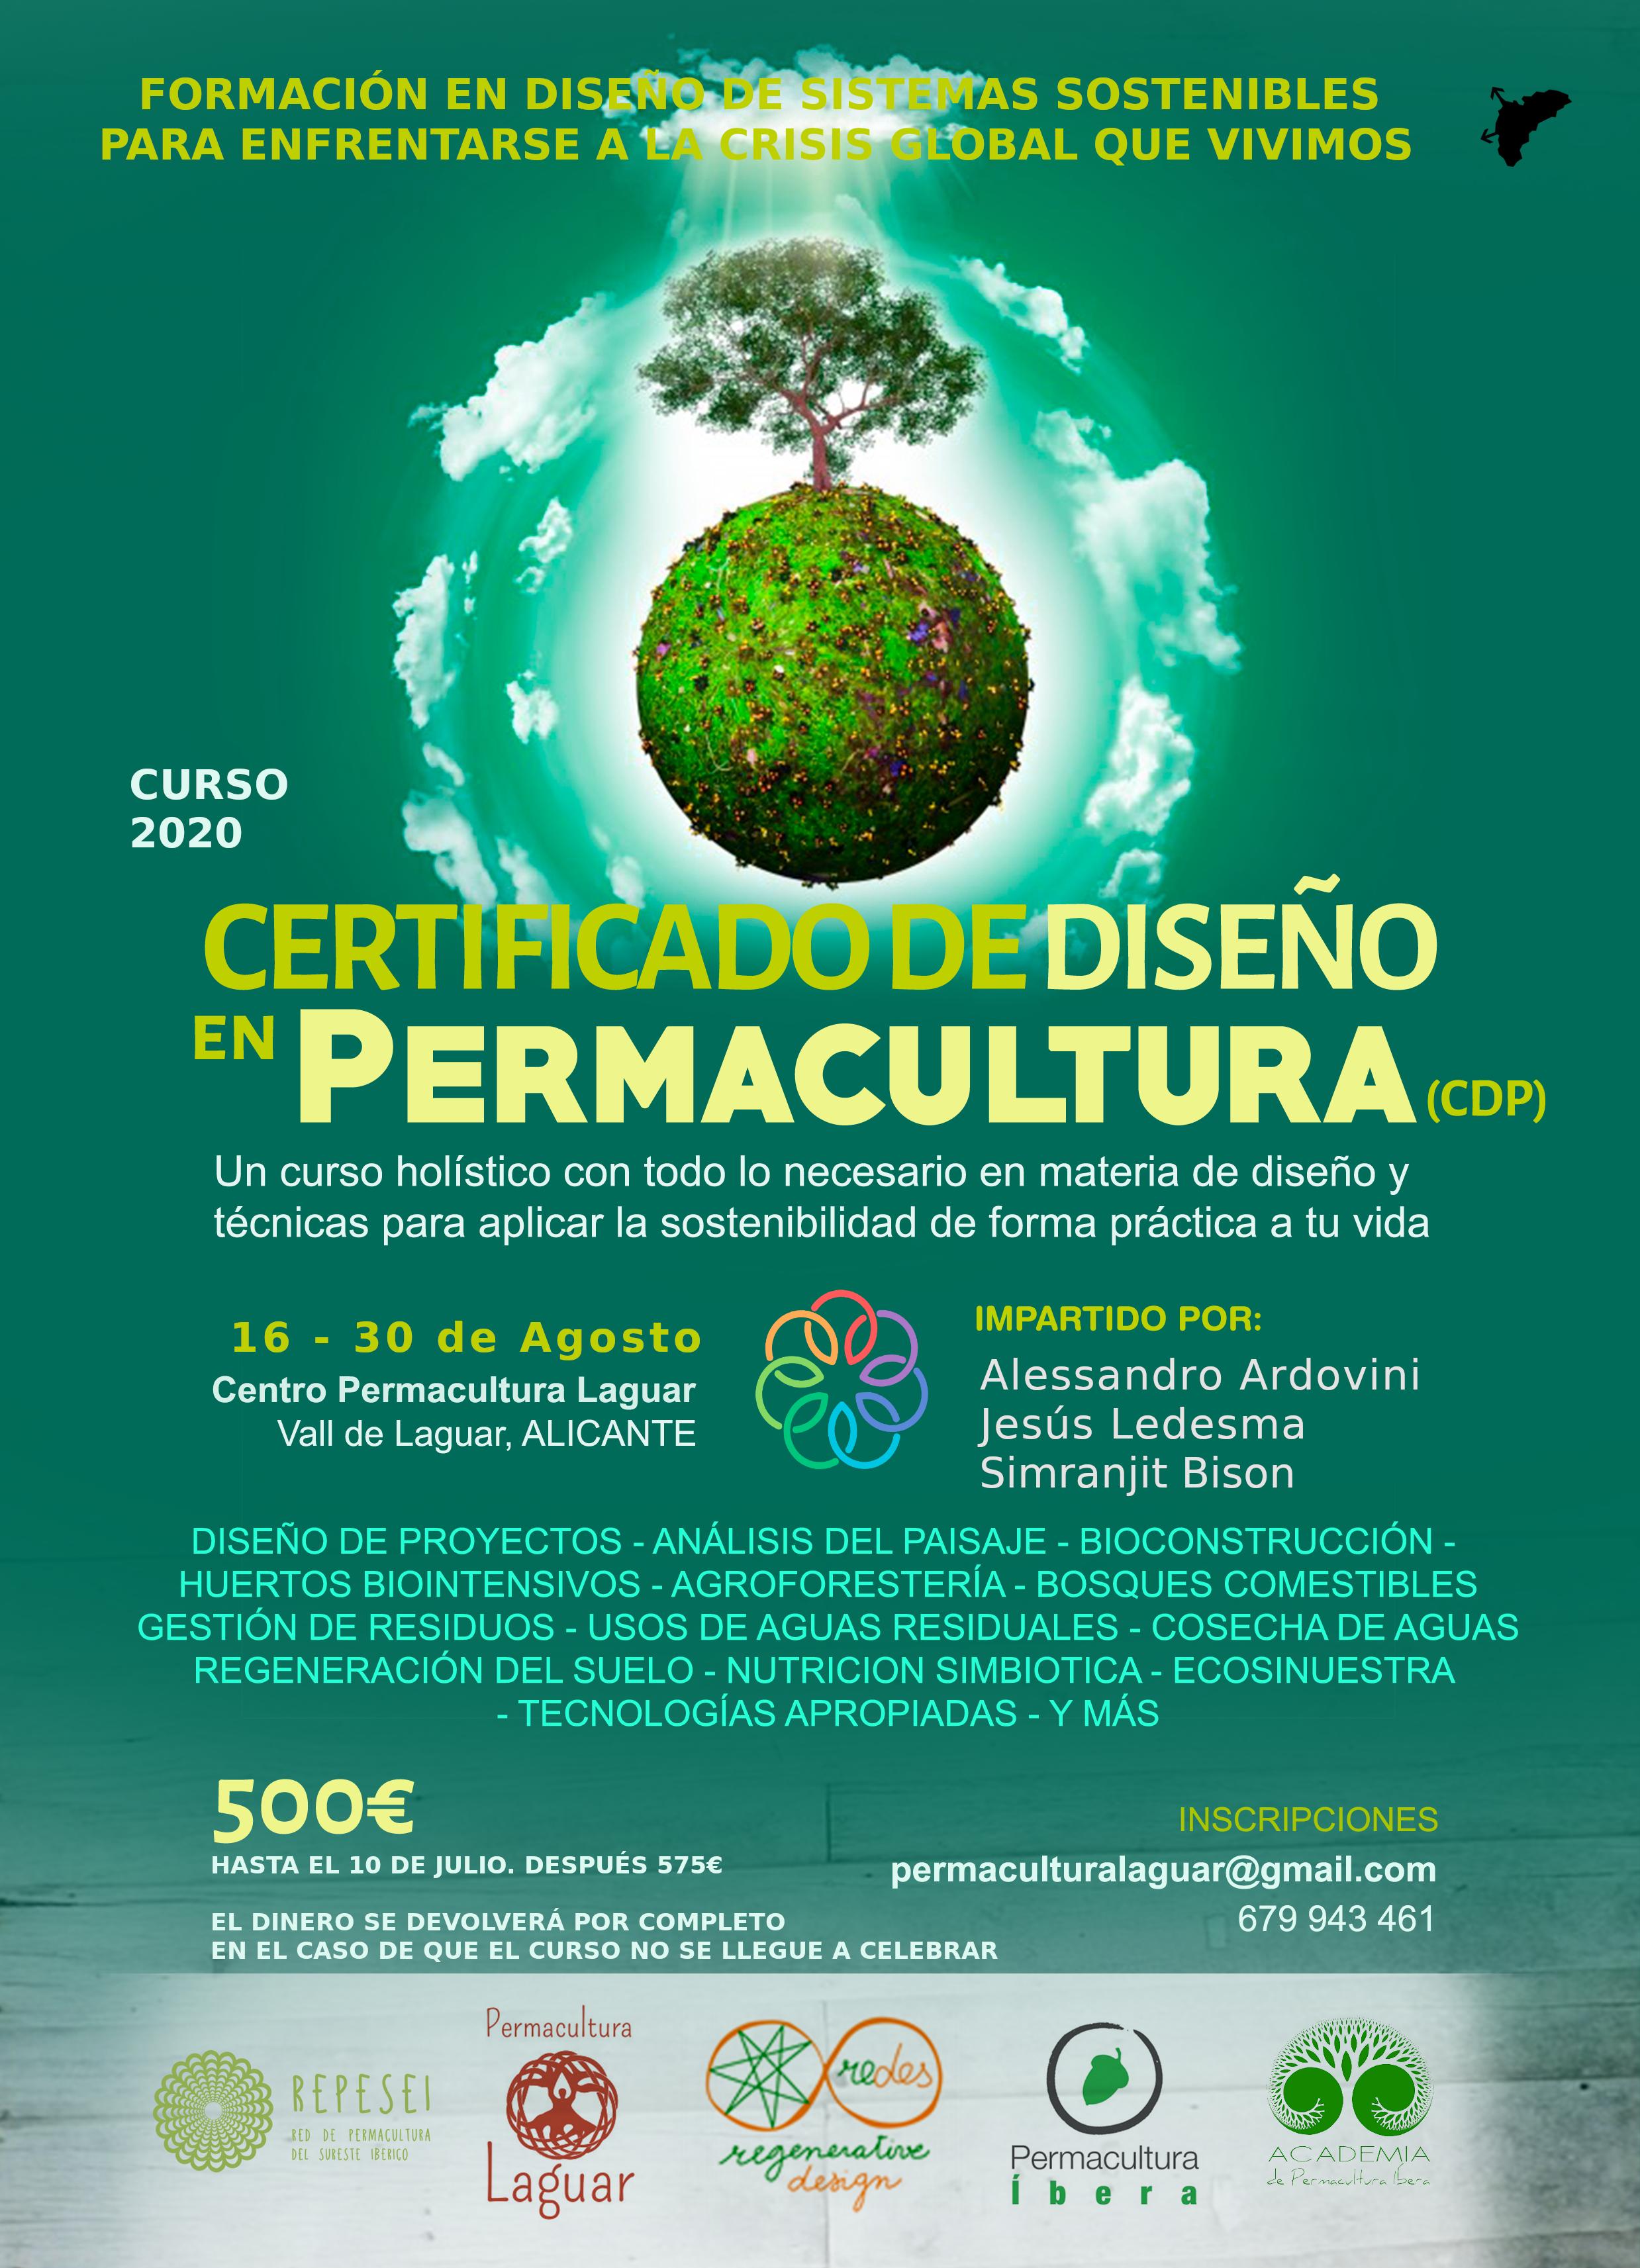 Curso certificado de Diseño en Permacultura CDP en Permacultura Laguar